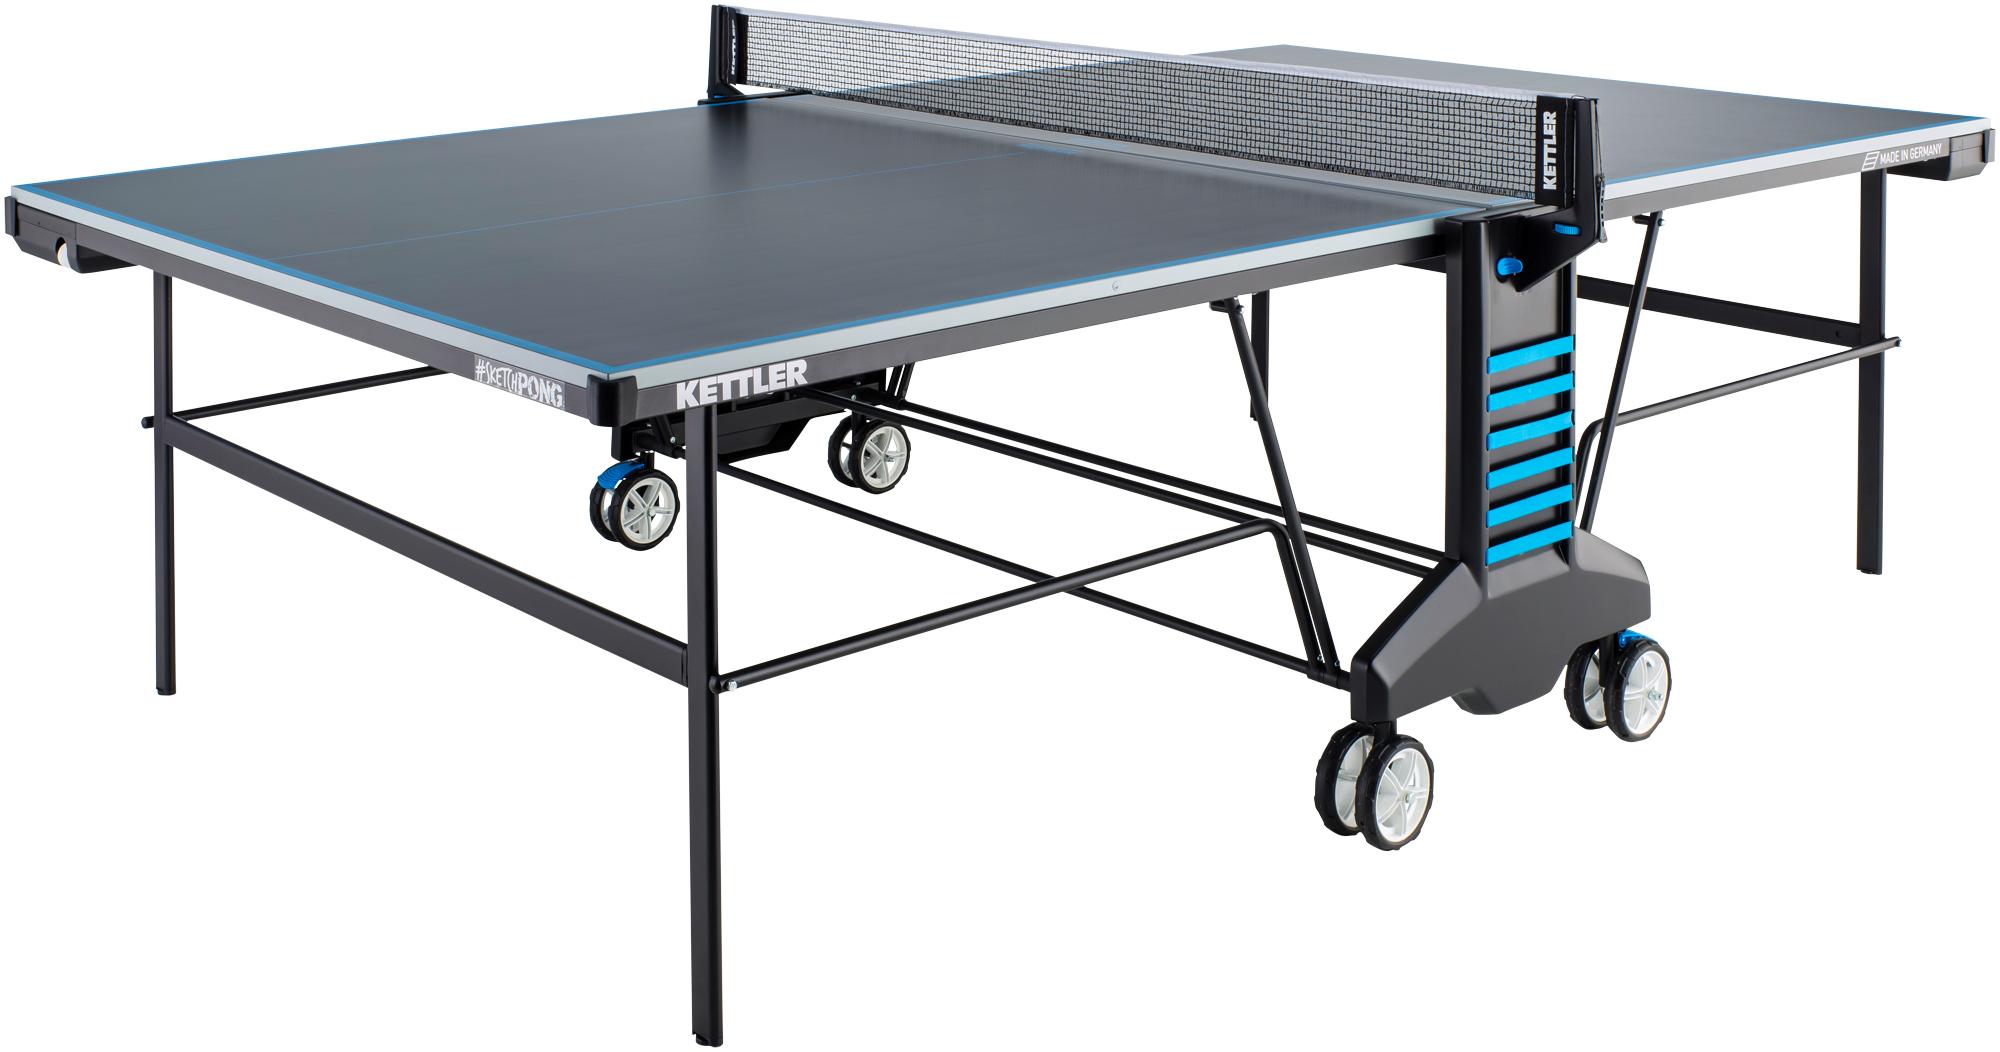 Kettler Теннисный стол всепогодный Kettler Sketch & Pong Outdoor теннисный стол всепогодный torneo